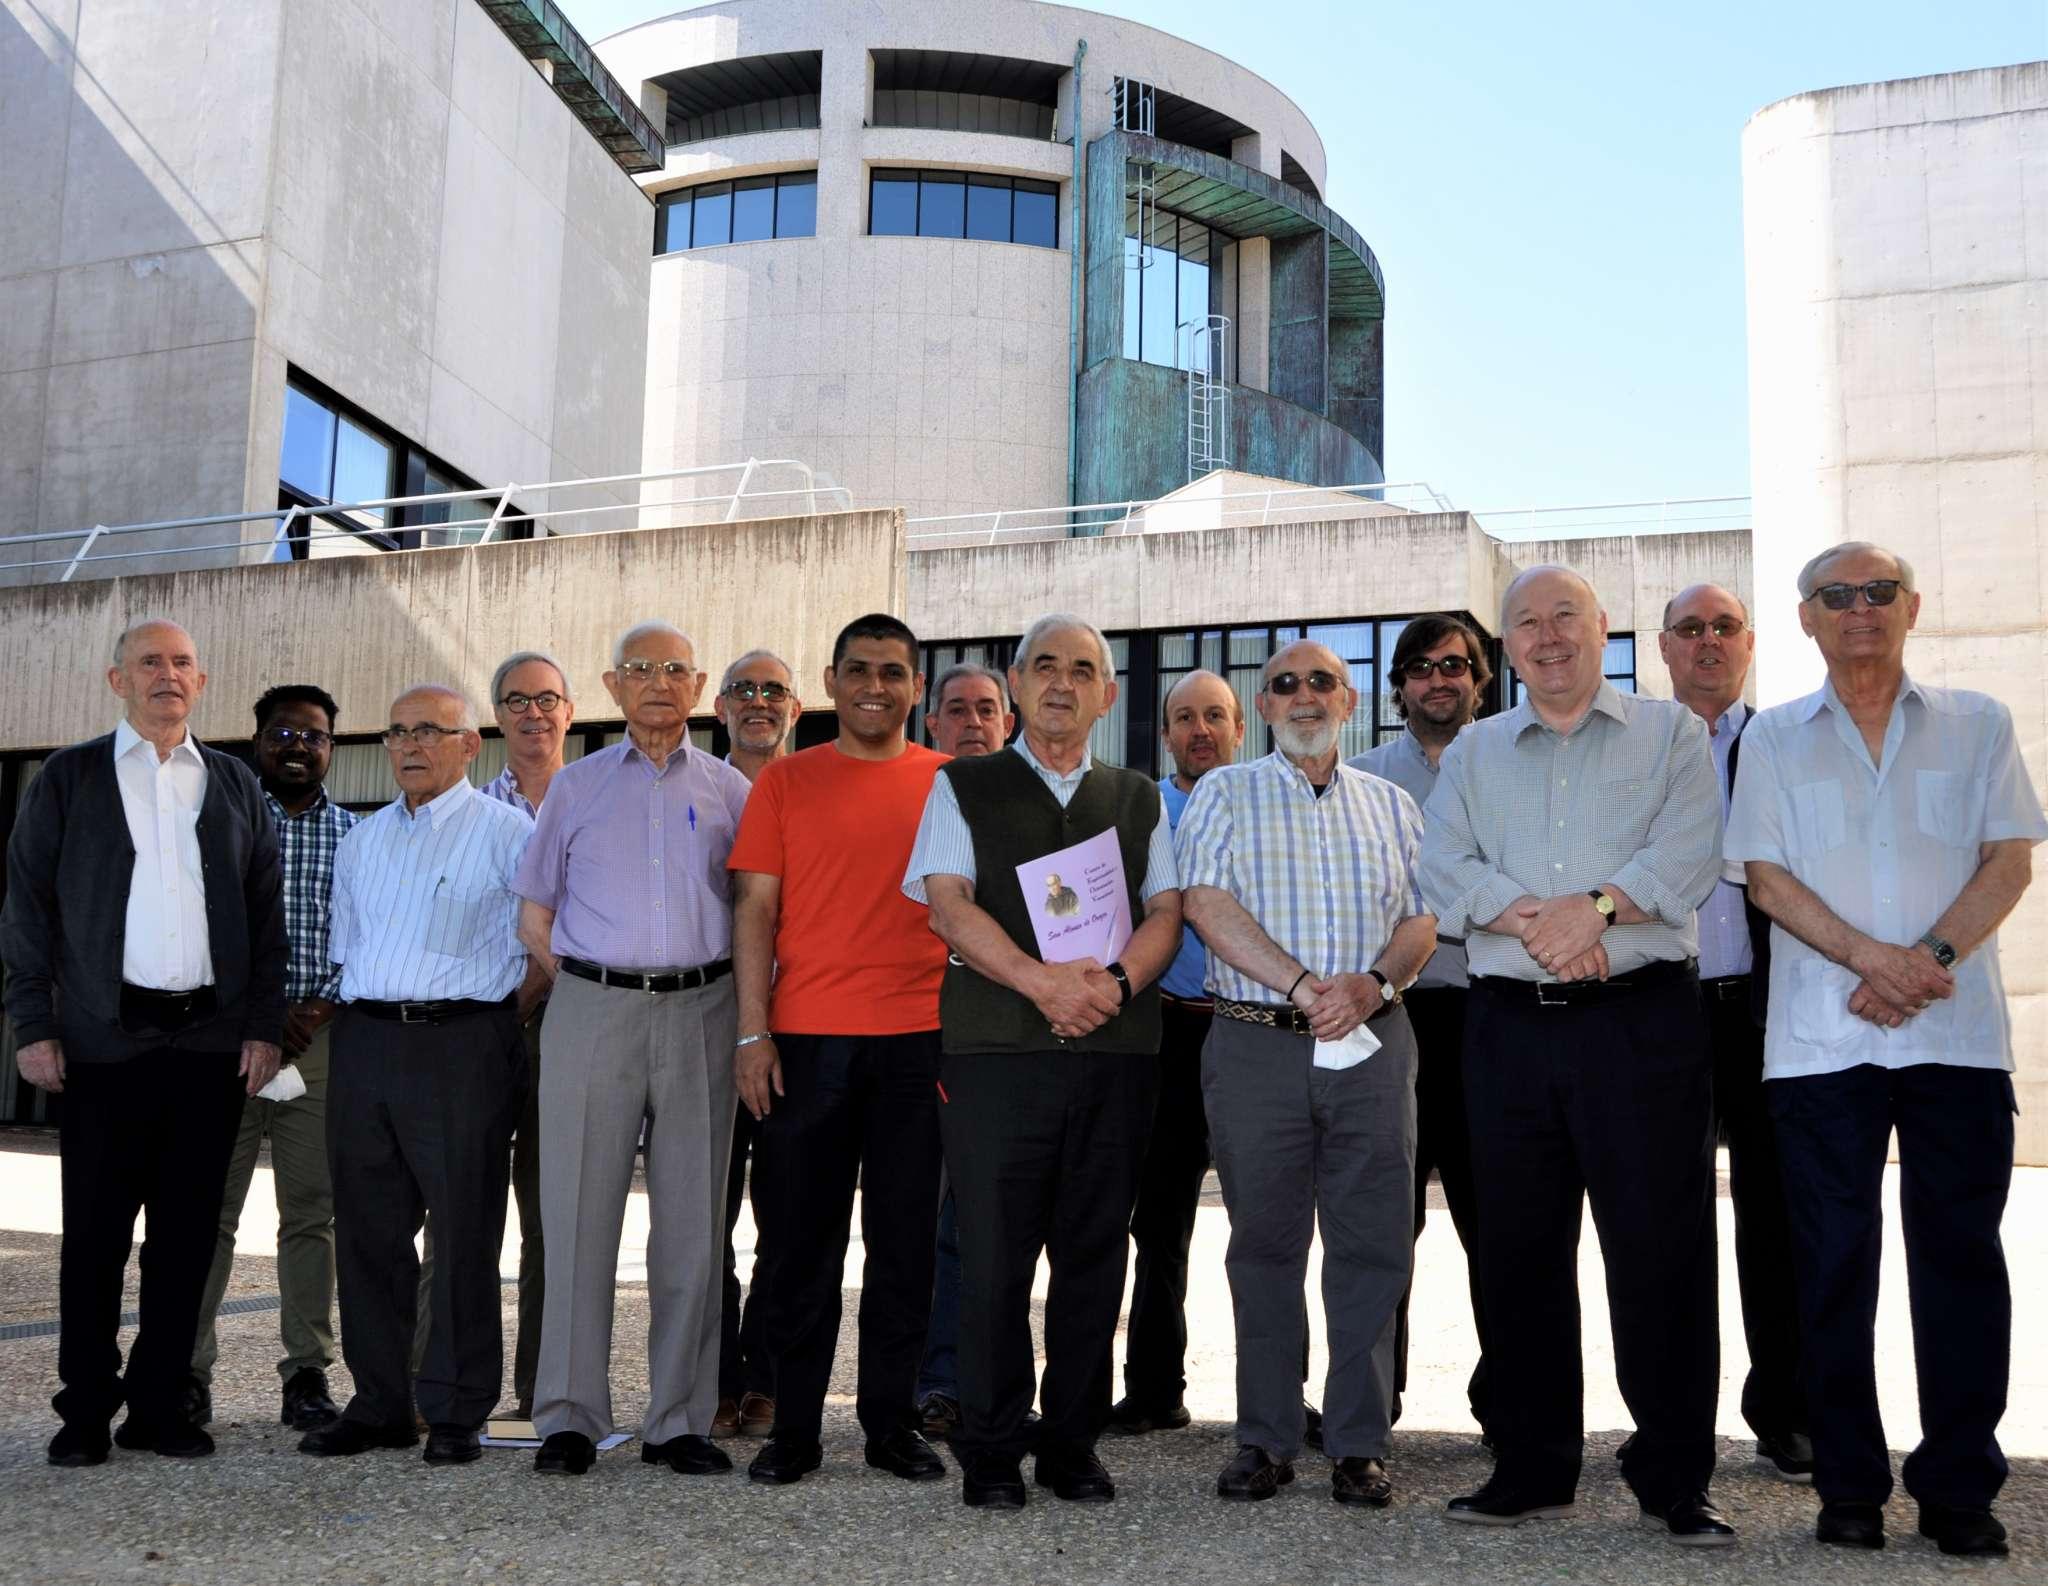 Terminan los Ejercicios Espirituales de los agustinos de la OSA en España, desarrollado del 28 de junio al 2 de julio en Guadarrama.